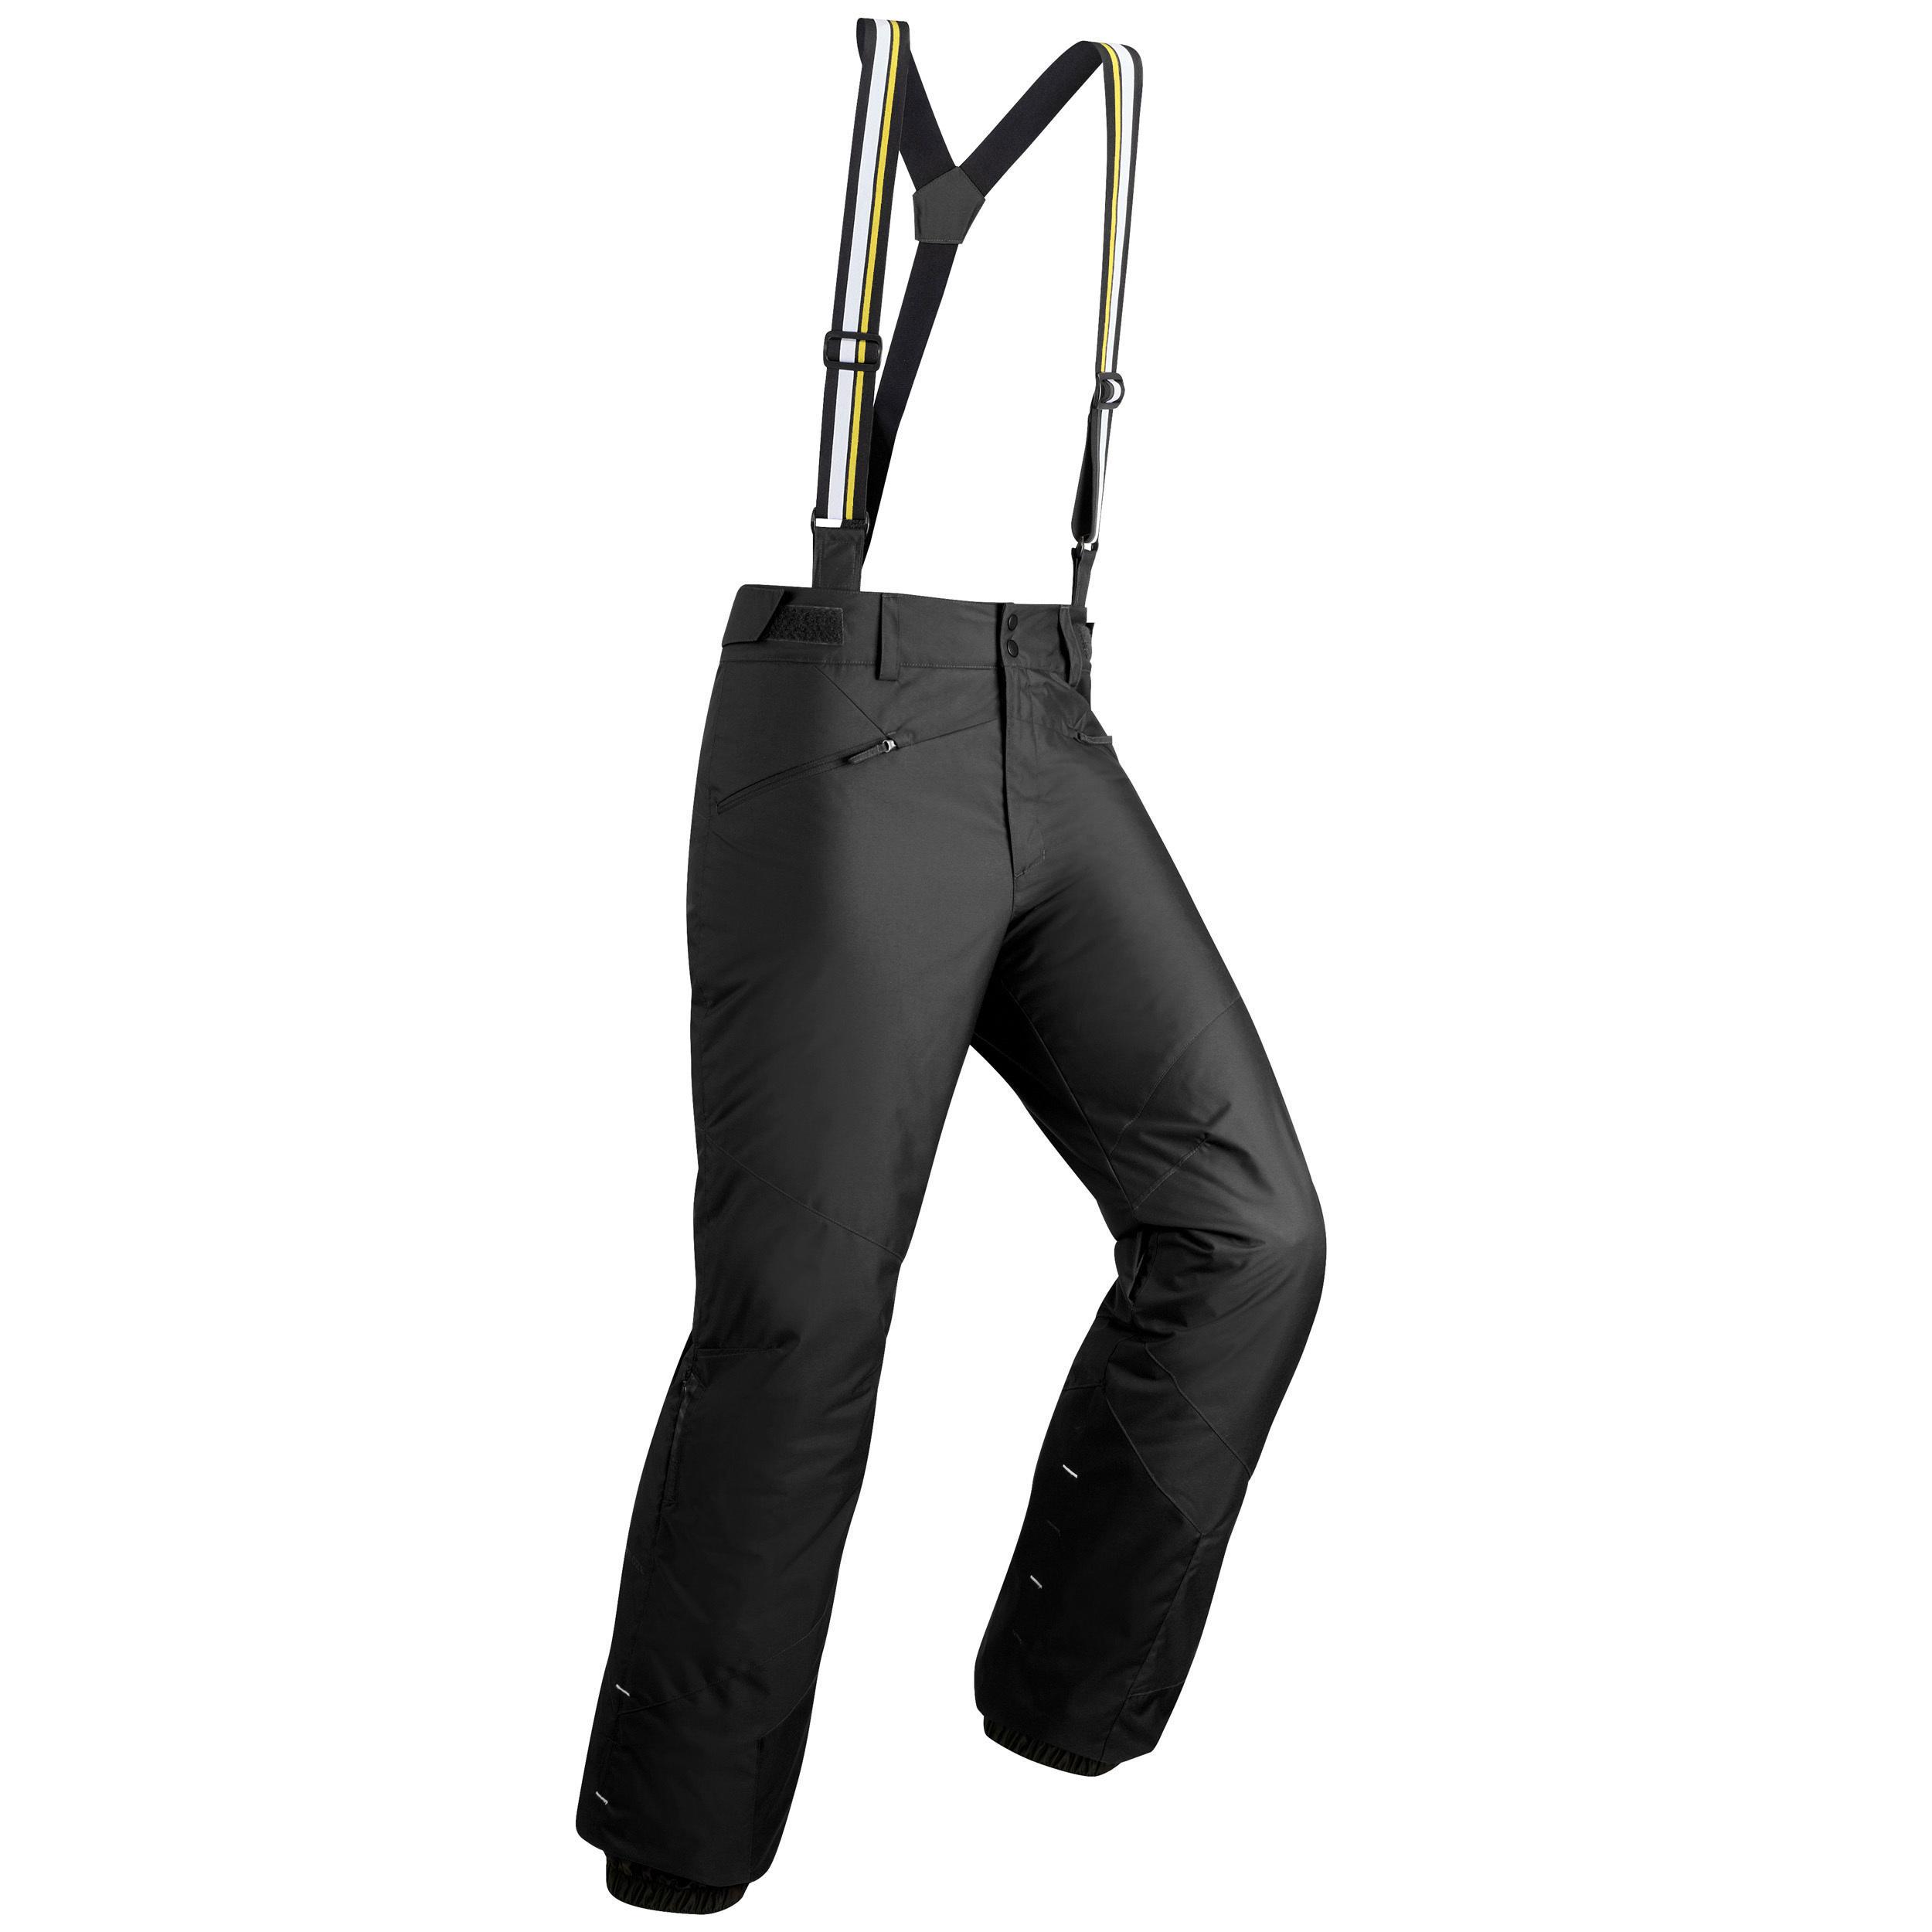 Pantalon Schi 180 Bărbați imagine